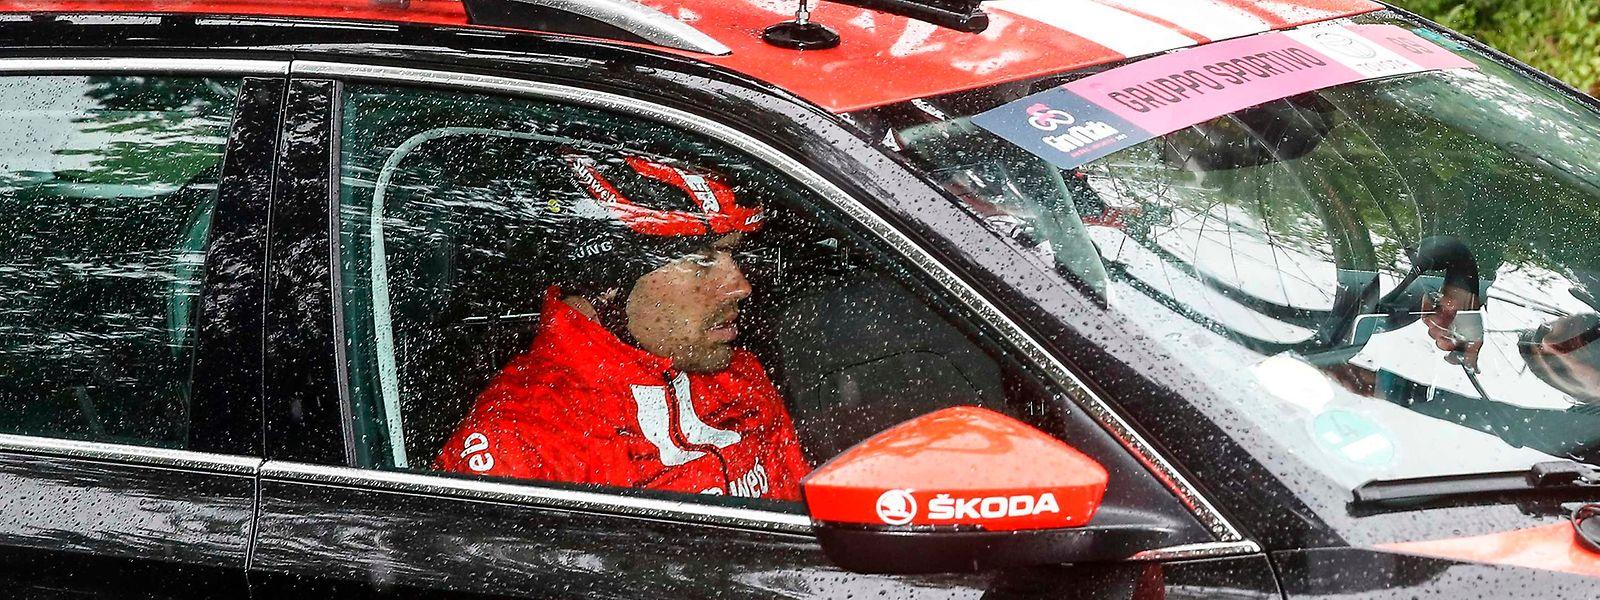 Tom Dumoulin musste den 102. Giro d'Italia verletzt abbrechen.